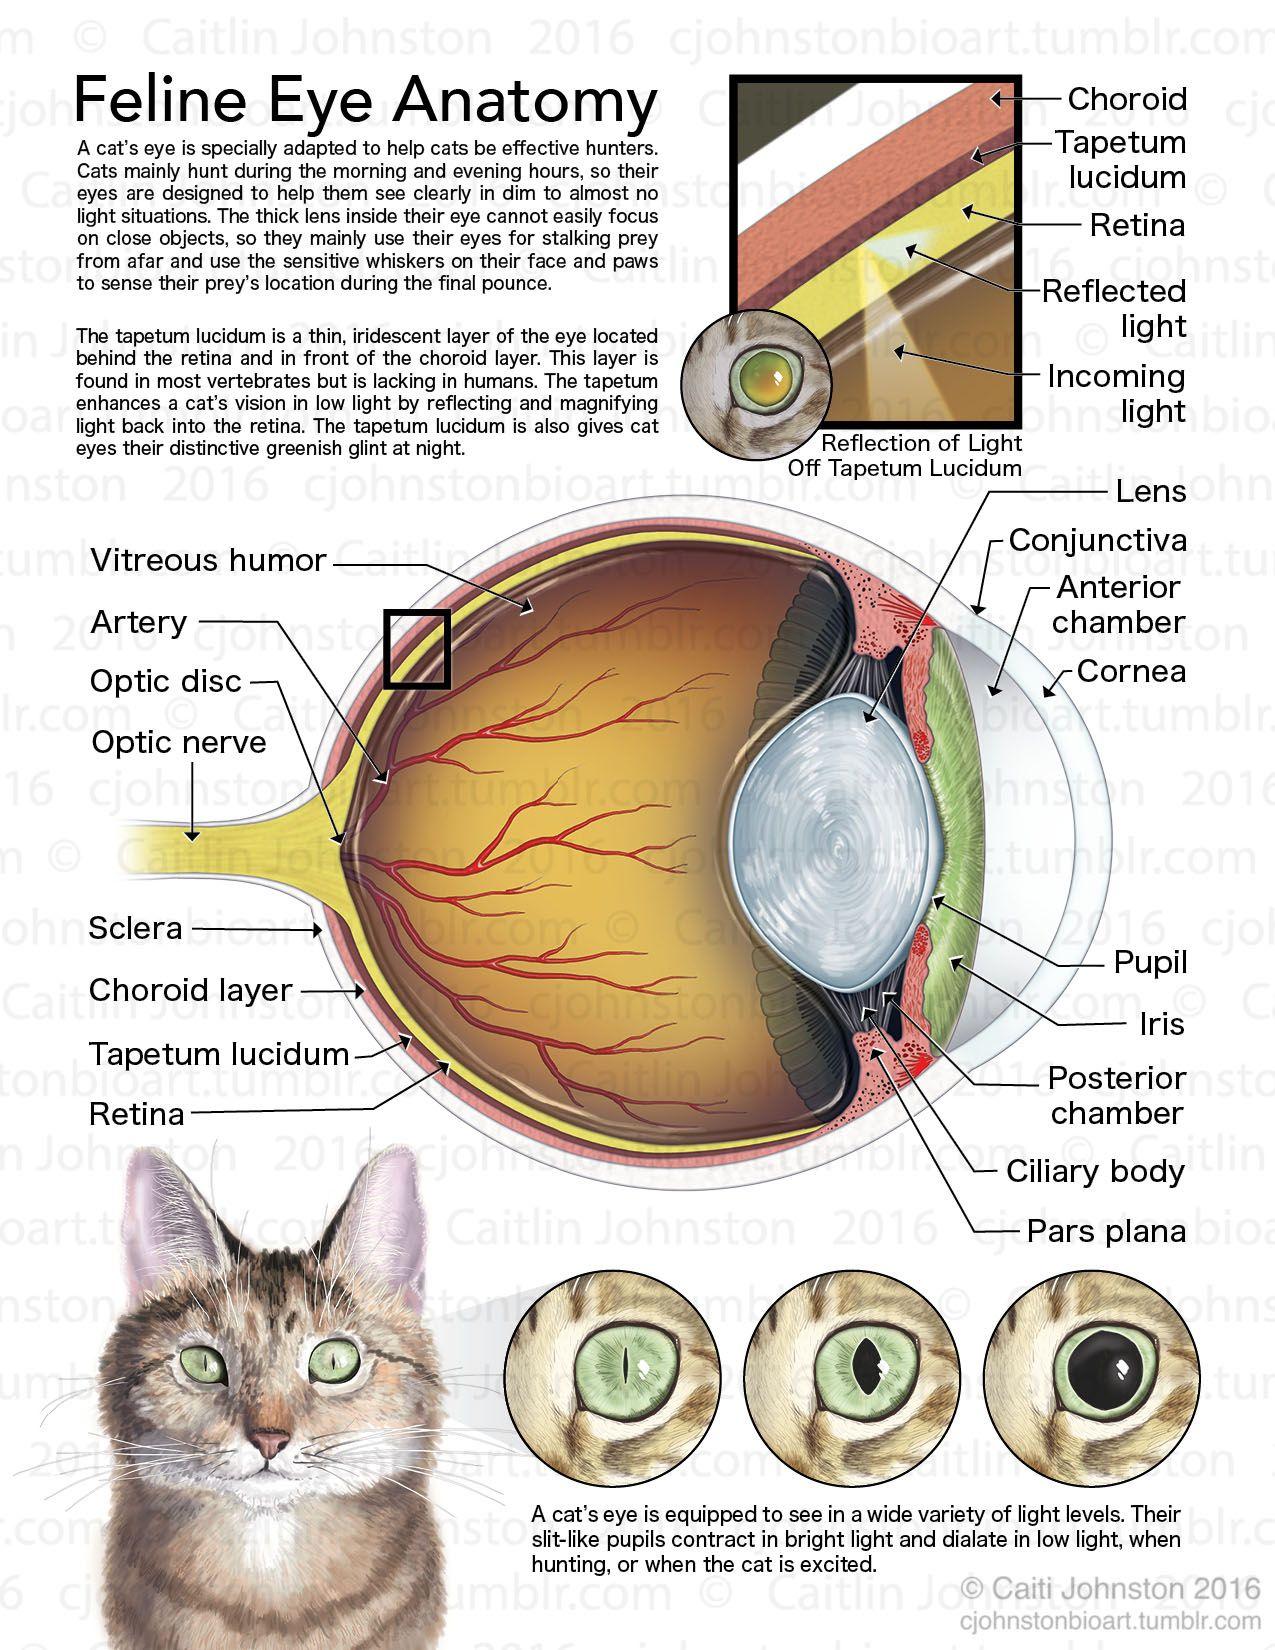 medium resolution of cjohnstonbioart u201c feline eye anatomy 2016 u201d anatom a de rh pinterest com diagram of the outer eye dog brain anatomy diagram